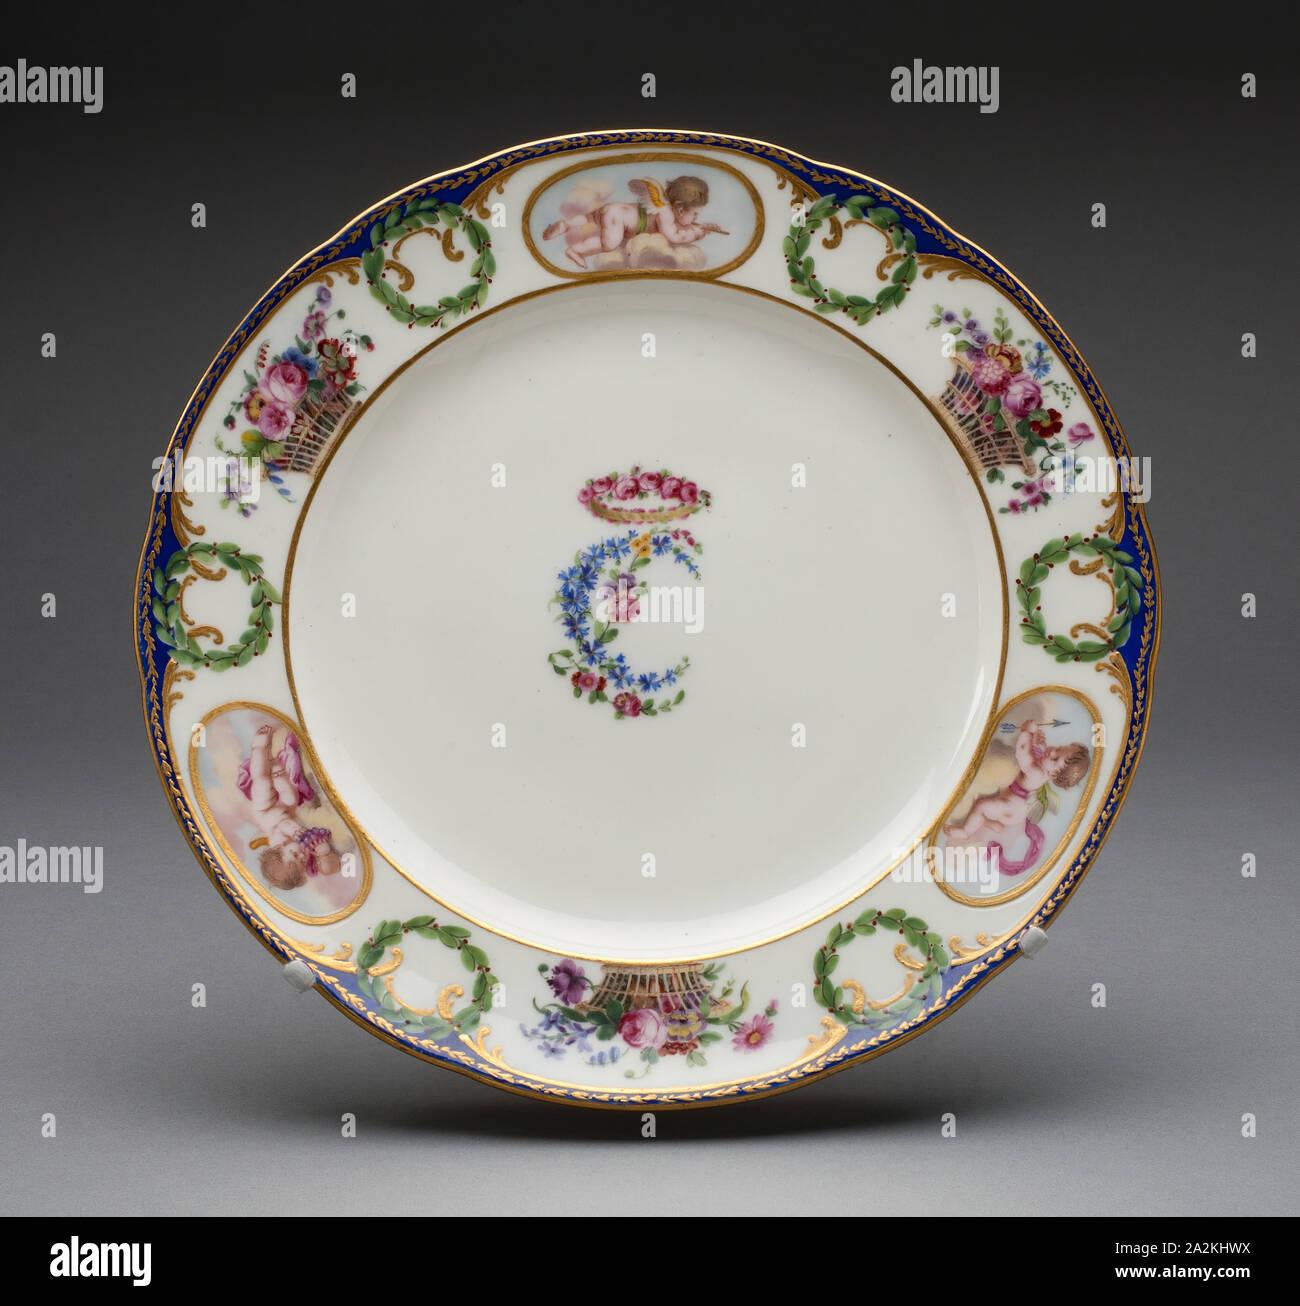 Placa de la Charlotte Louise, 1774, servicio de manufactura de porcelana de Sèvres, Francesa, fundada el año 1740, pintado por Joyau y Massy, Sèvres, soft-pegar porcelana, esmaltes, policromada y dorados, diam. 24,5 cm (9 5/8 pulg. Foto de stock